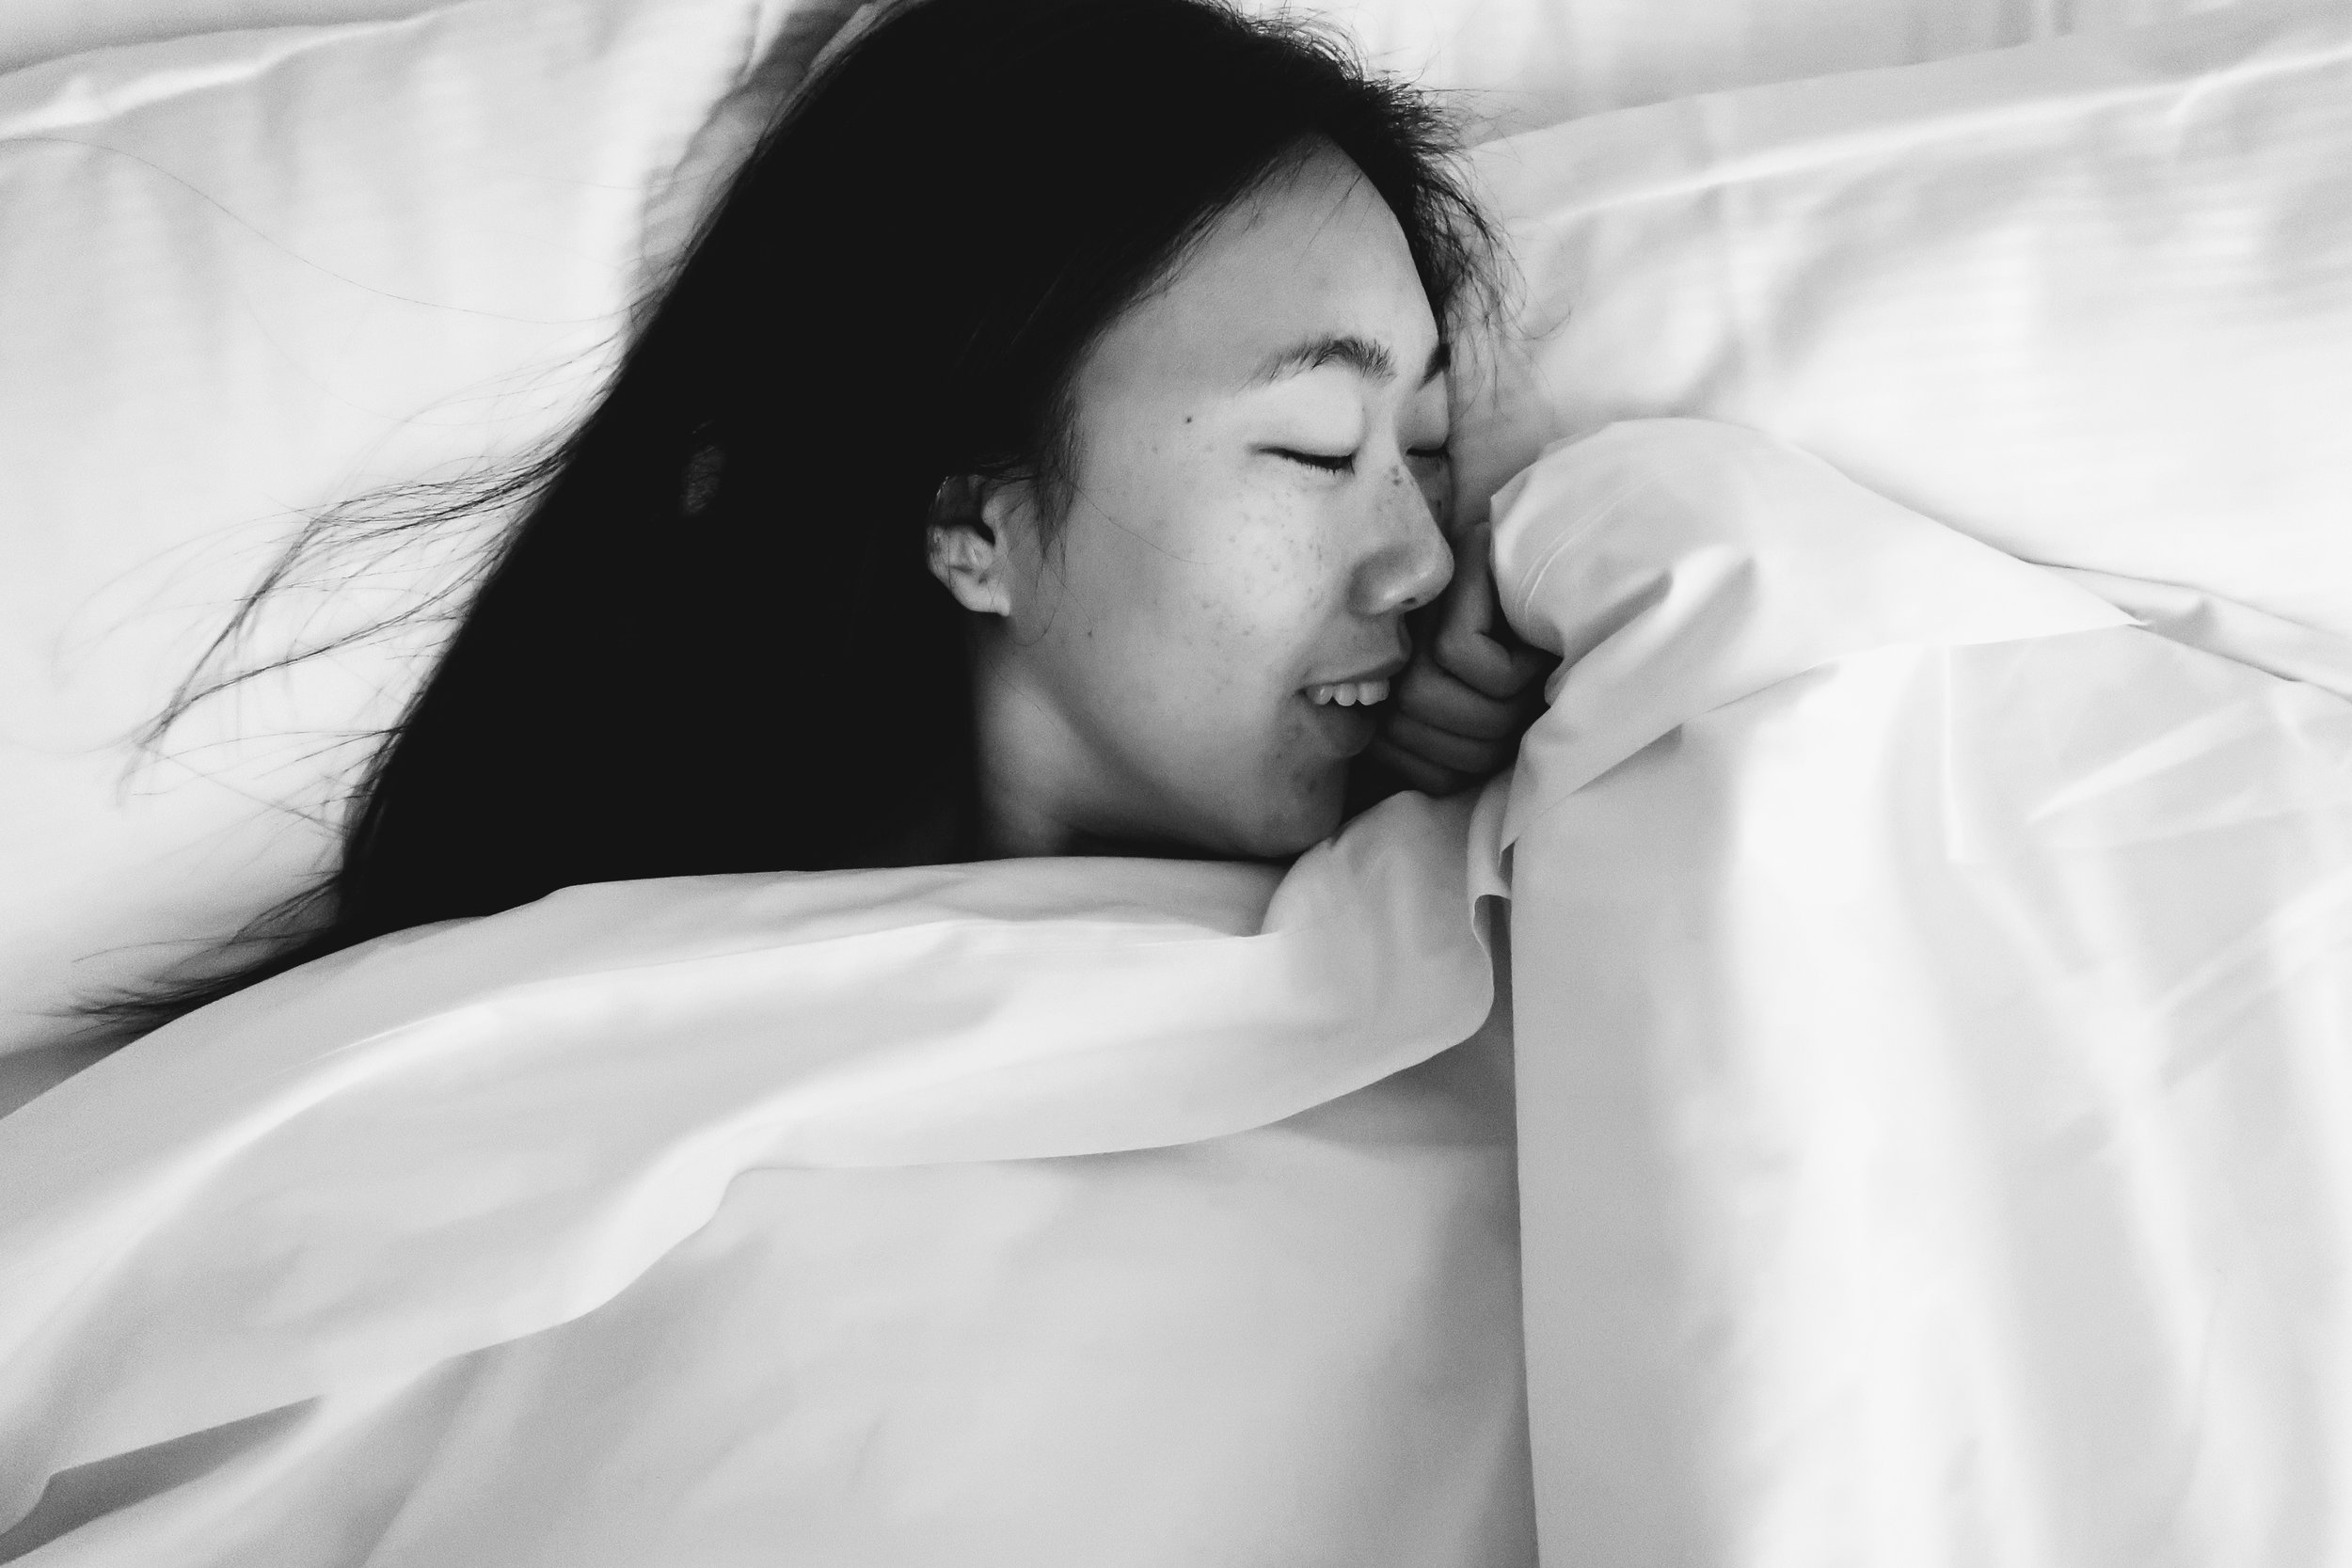 doubletree-hilton-sweet-dreams-bed